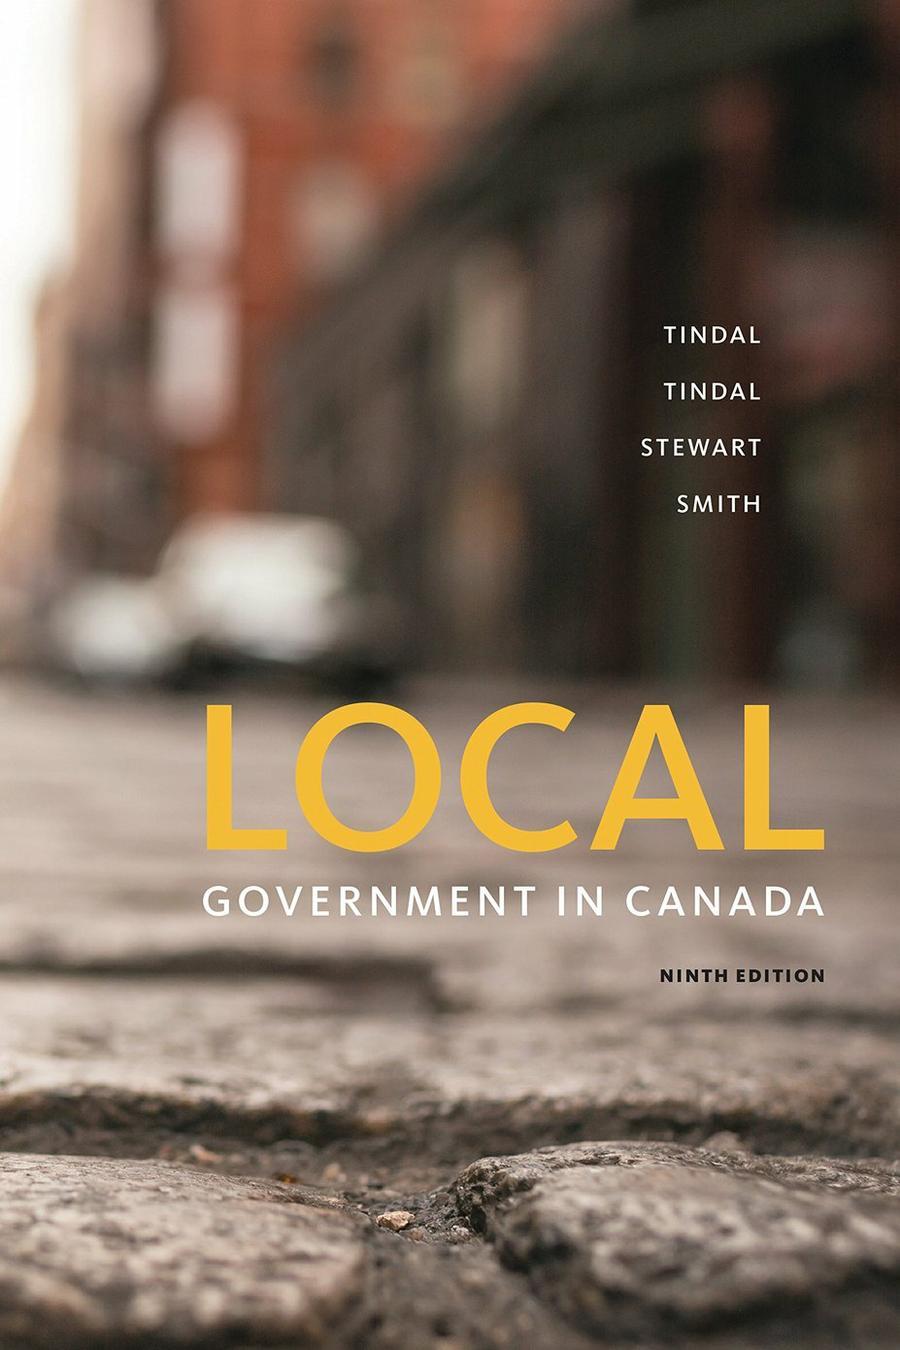 Local Government in Canada, 9th Edition